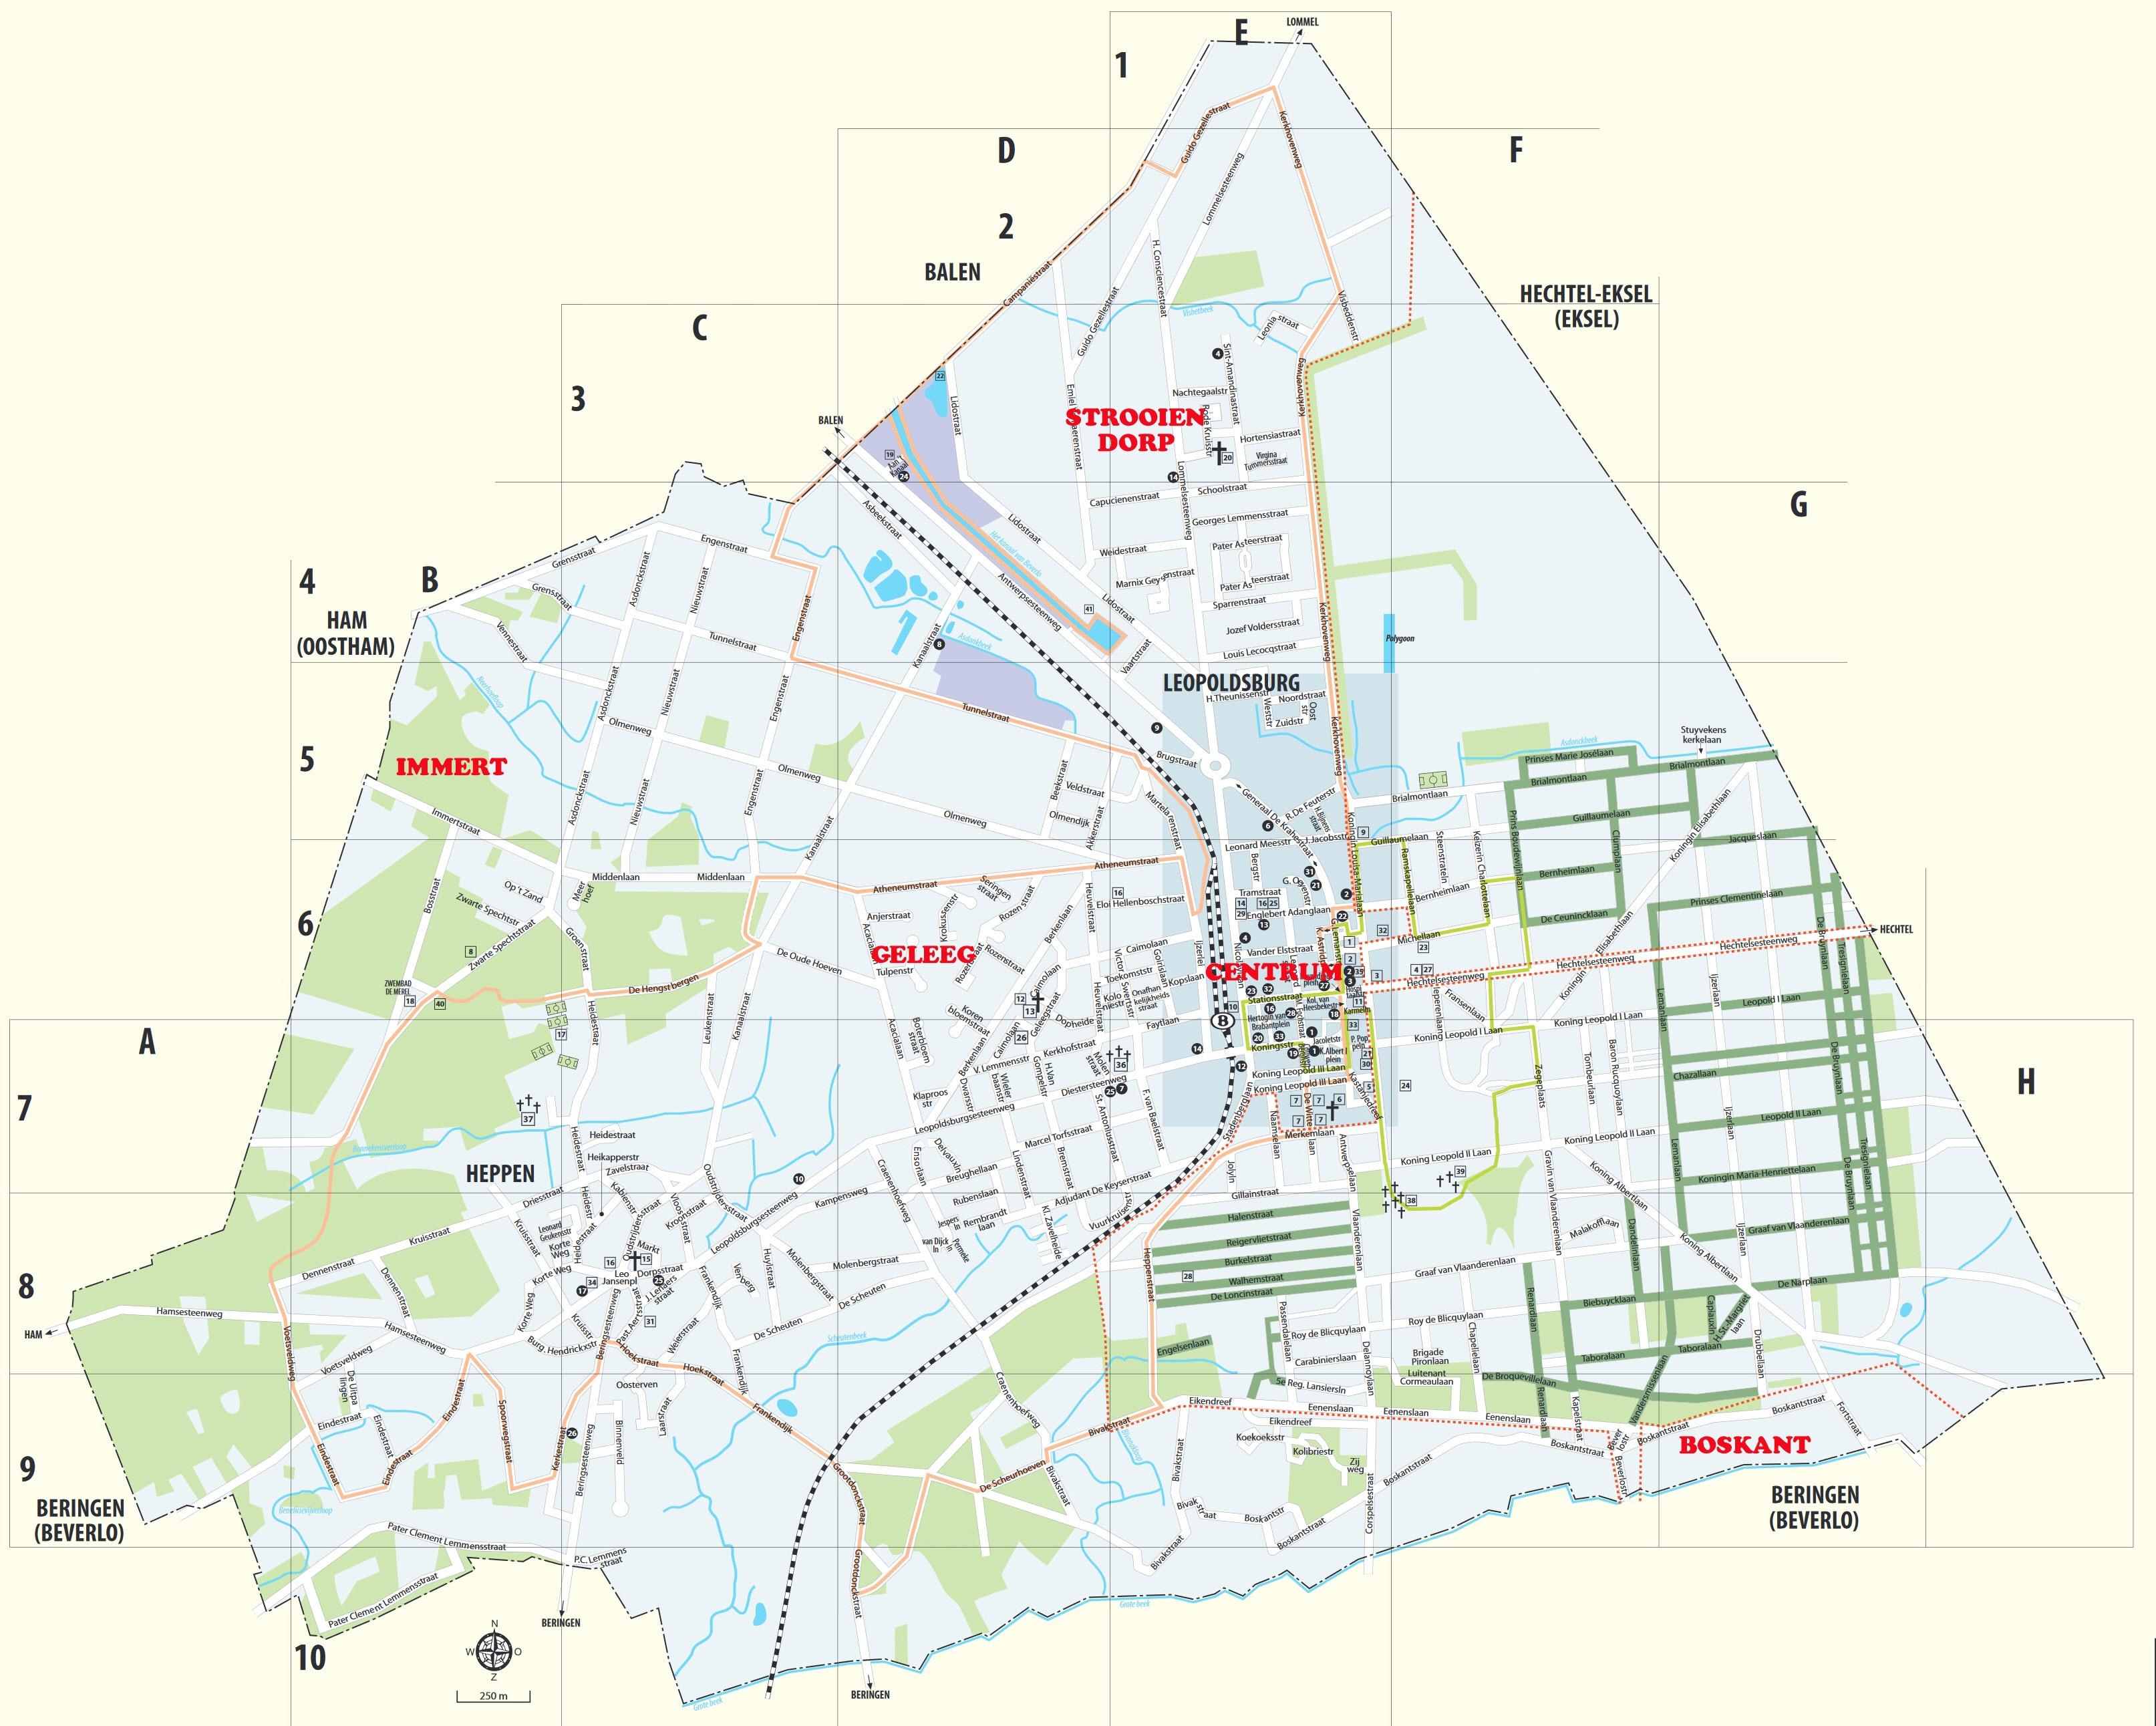 Gehuchten van Leopoldsburg & Heppen